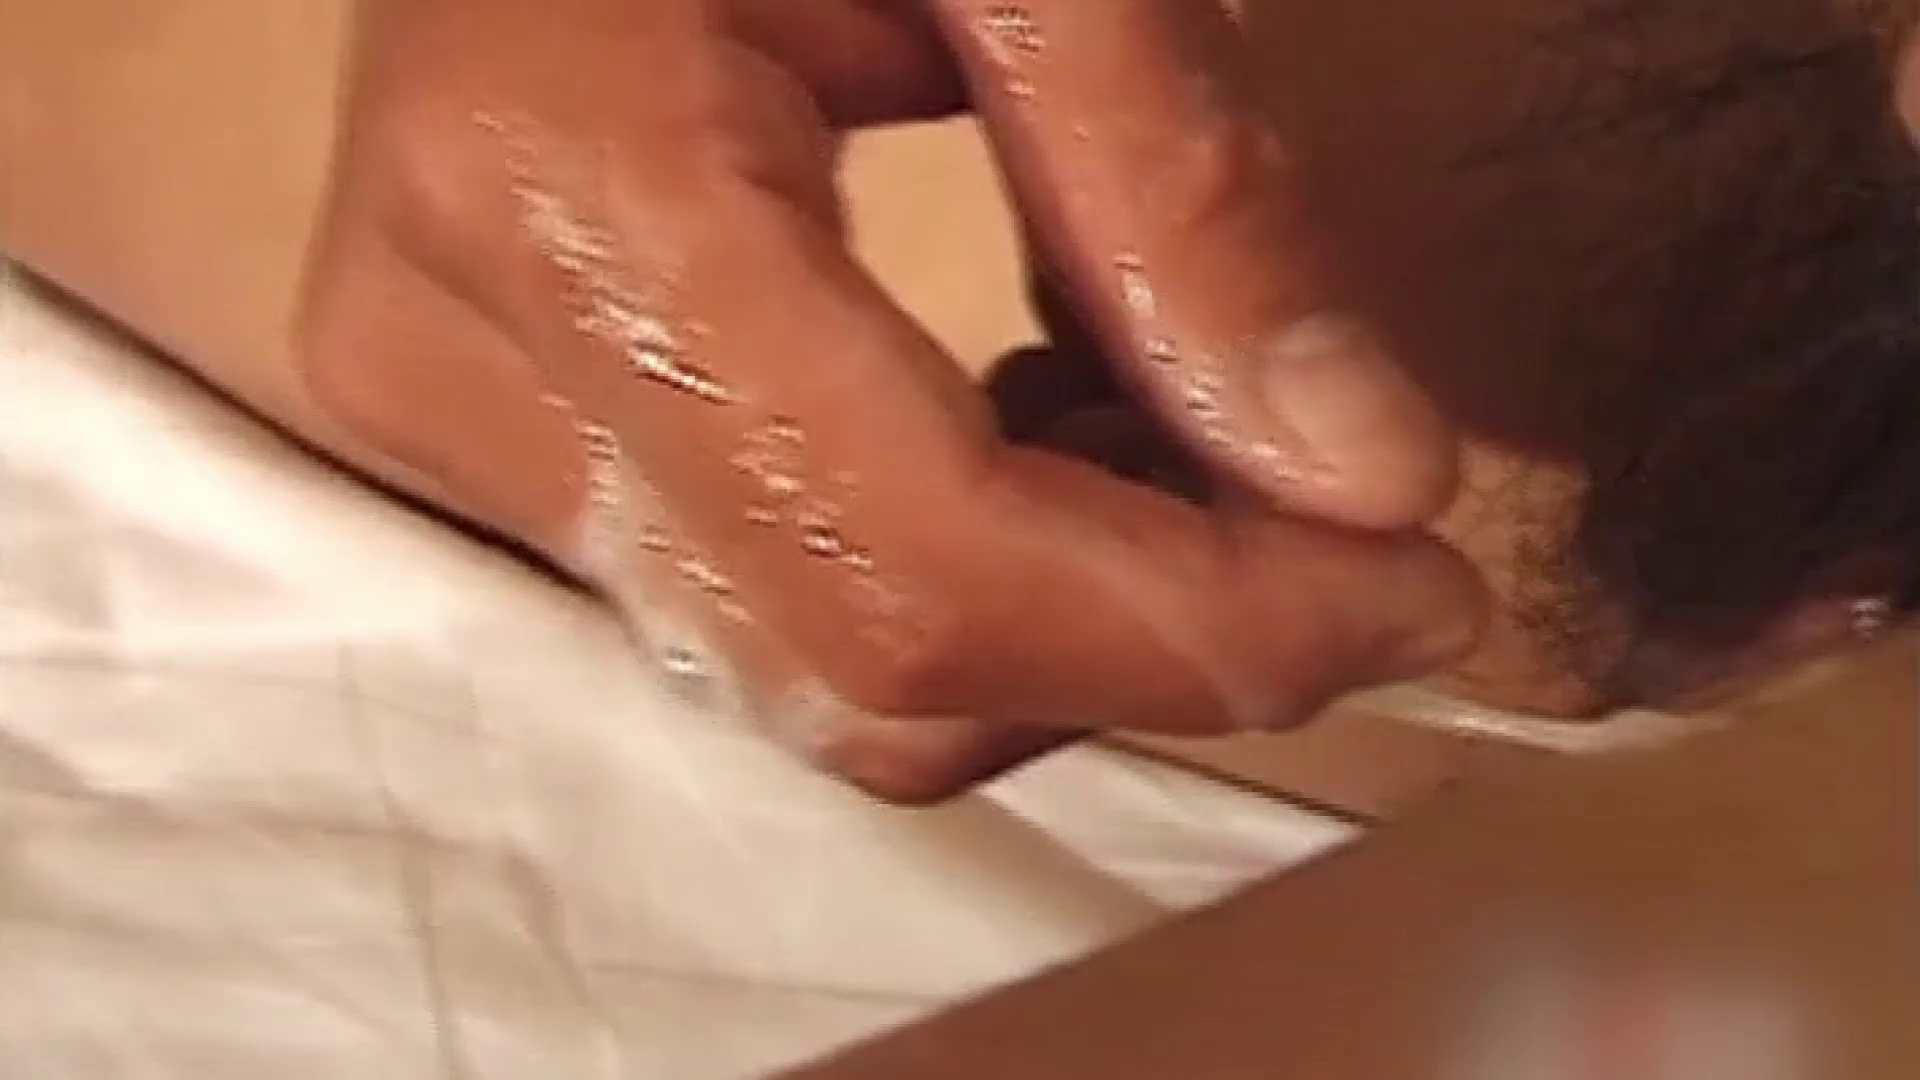 珍肉も筋肉の内!!vol.6 流出特集 ゲイエロ画像 106枚 97